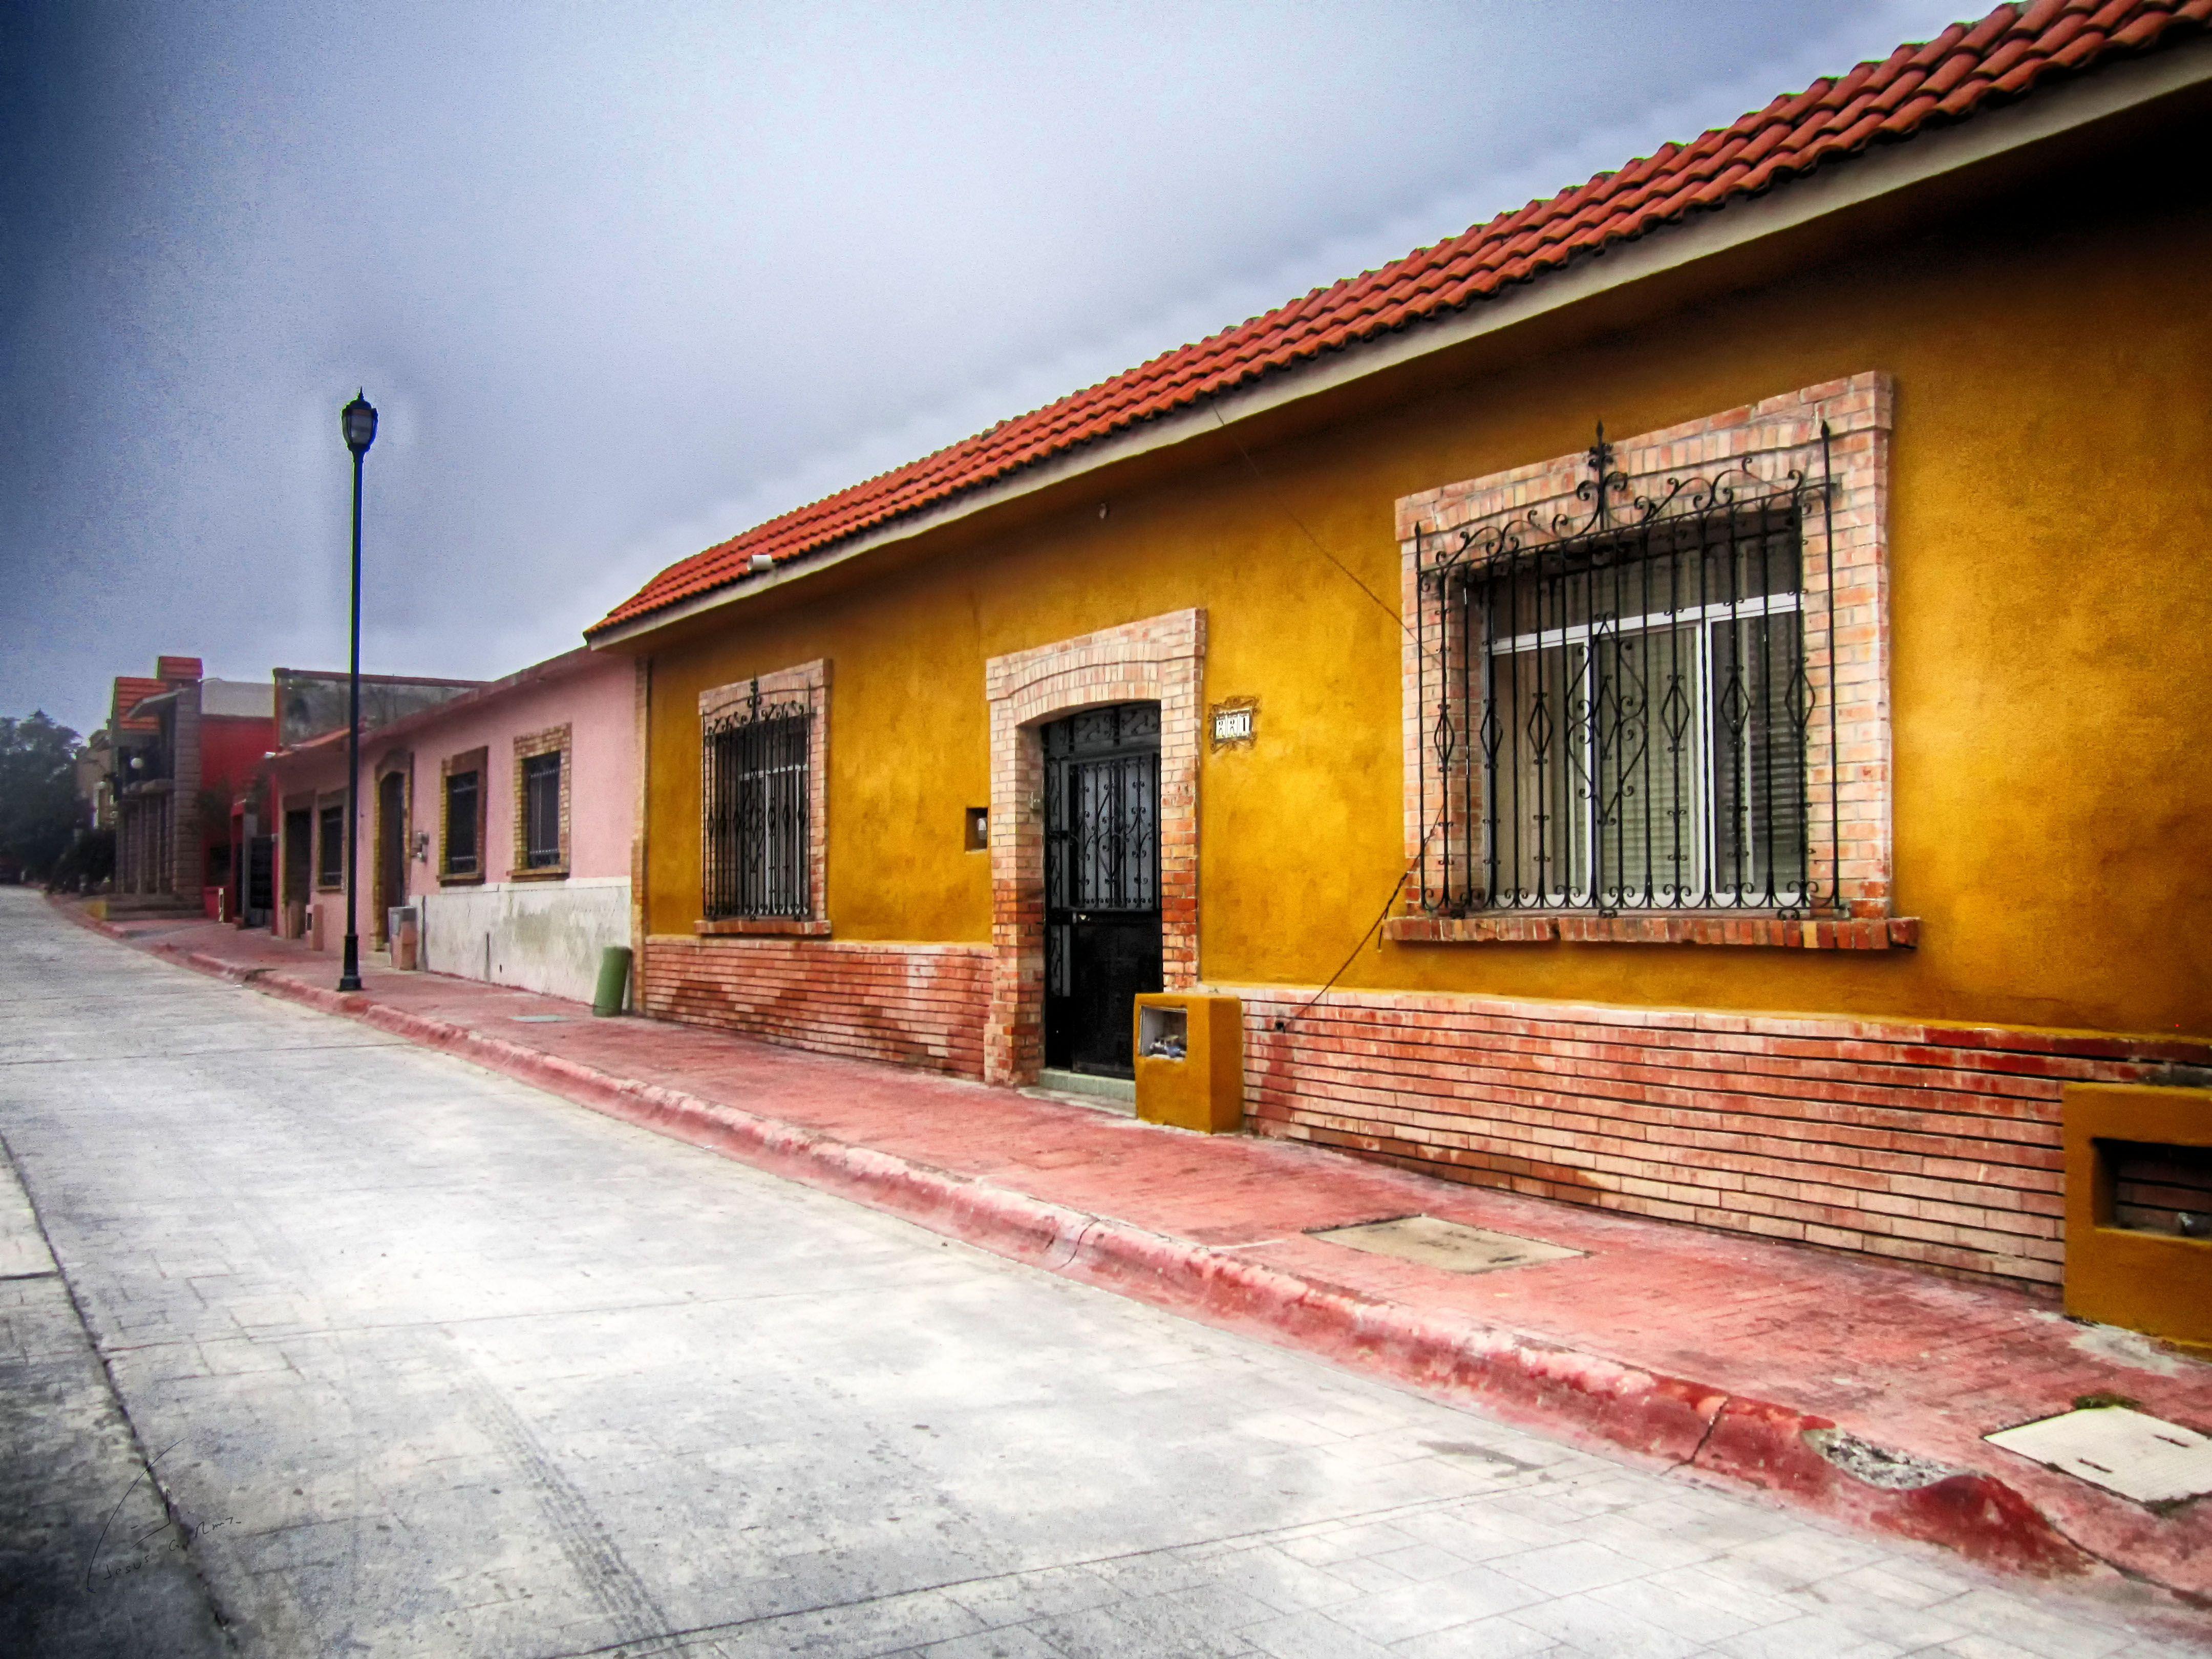 Arteaga, Coahuila